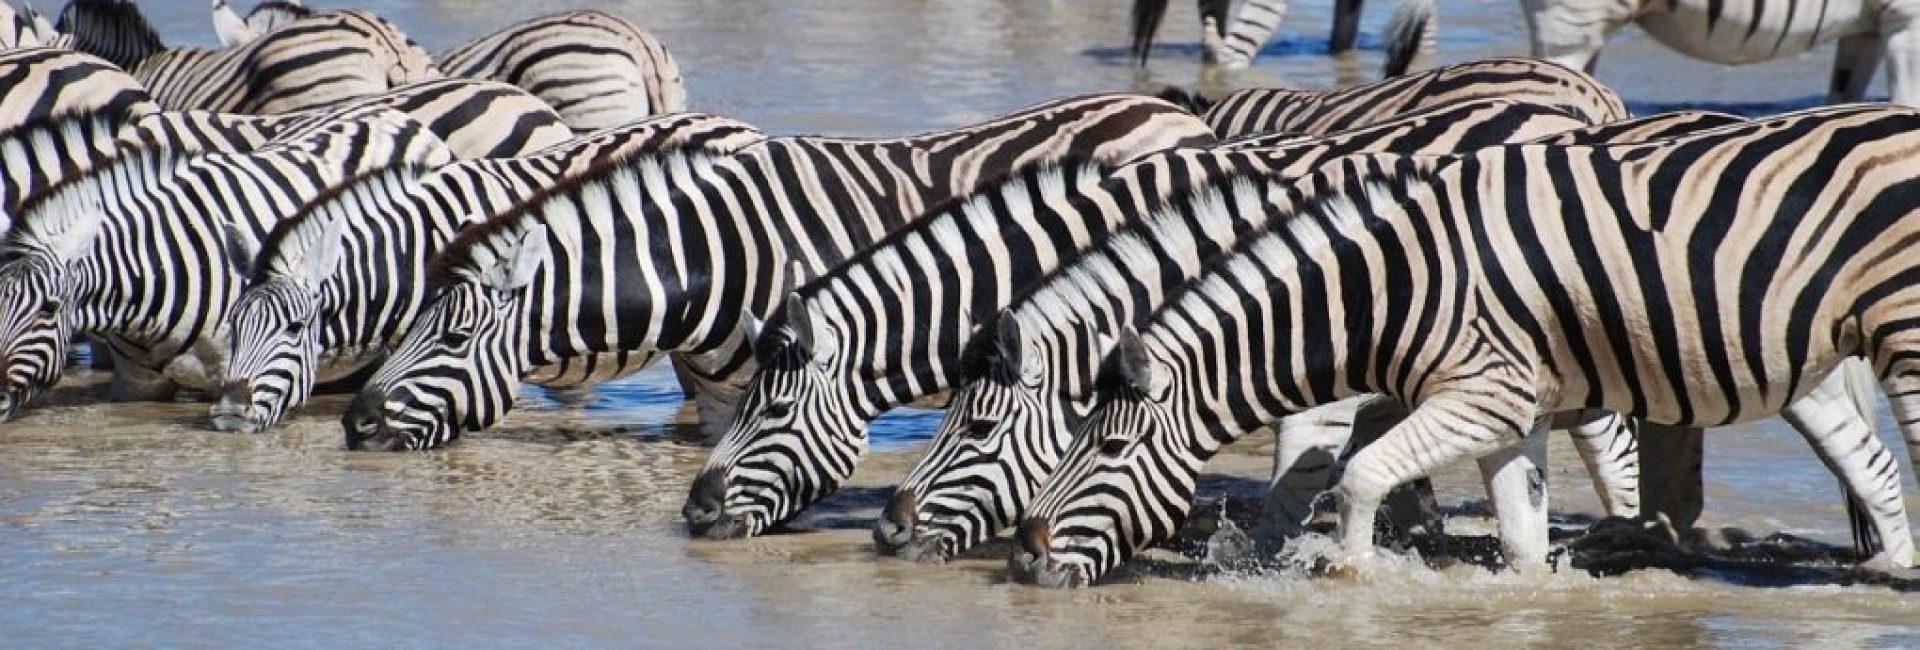 Tanzanija - putovanje u afričku divljinu